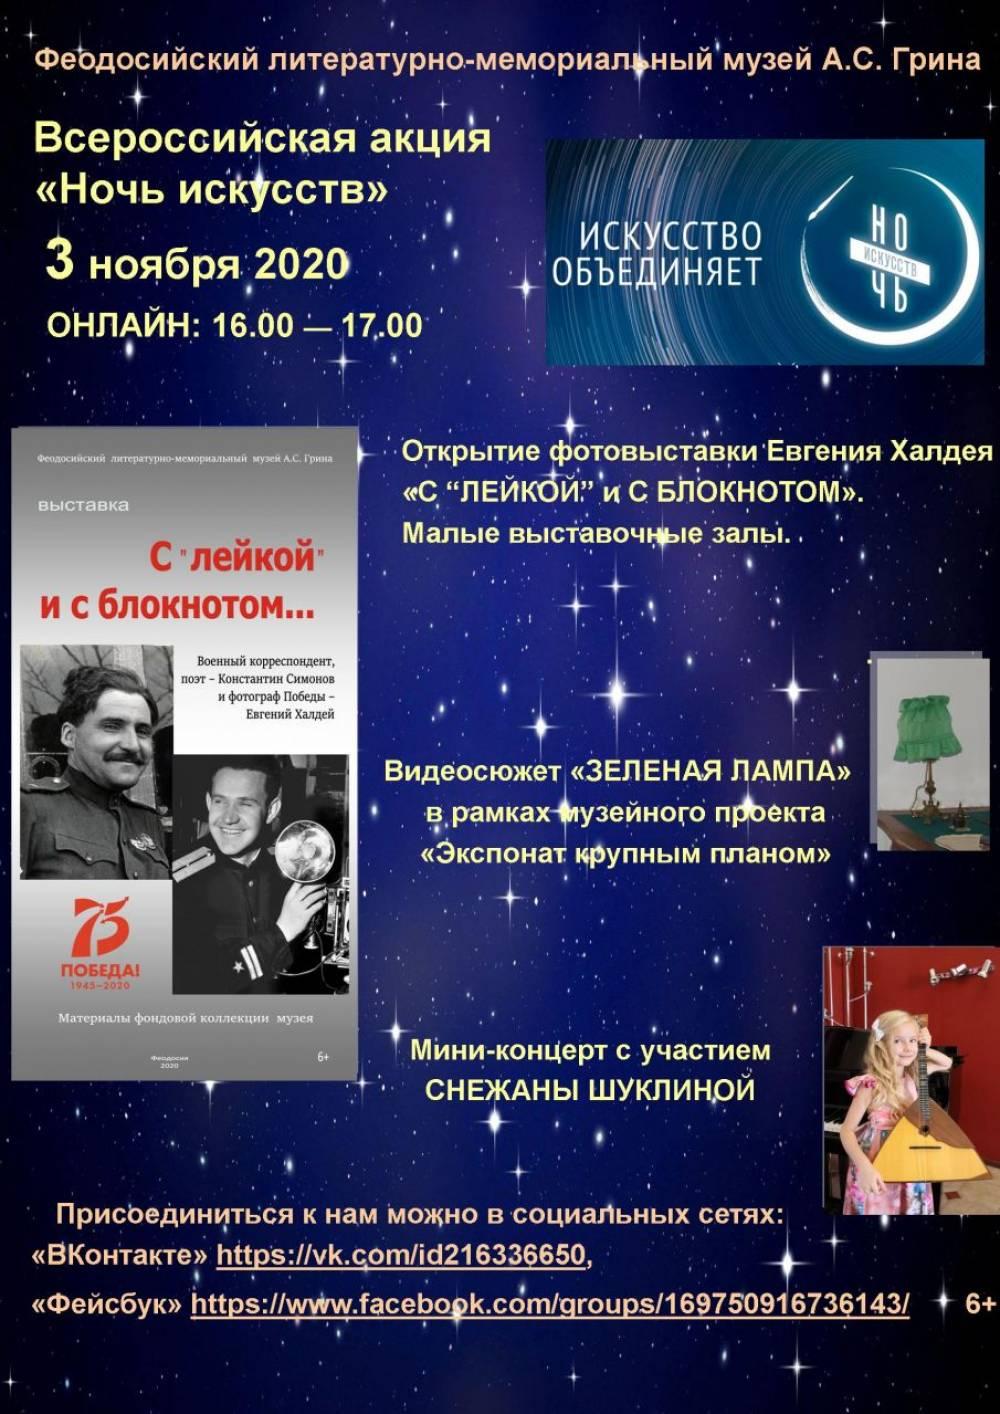 3 ноября Феодосийский литературно-мемориальный музей А.С.Грина присоединится к ежегодной всероссийской акции «Ночь искусств», которая в этом году проходит в онлайн-формате.